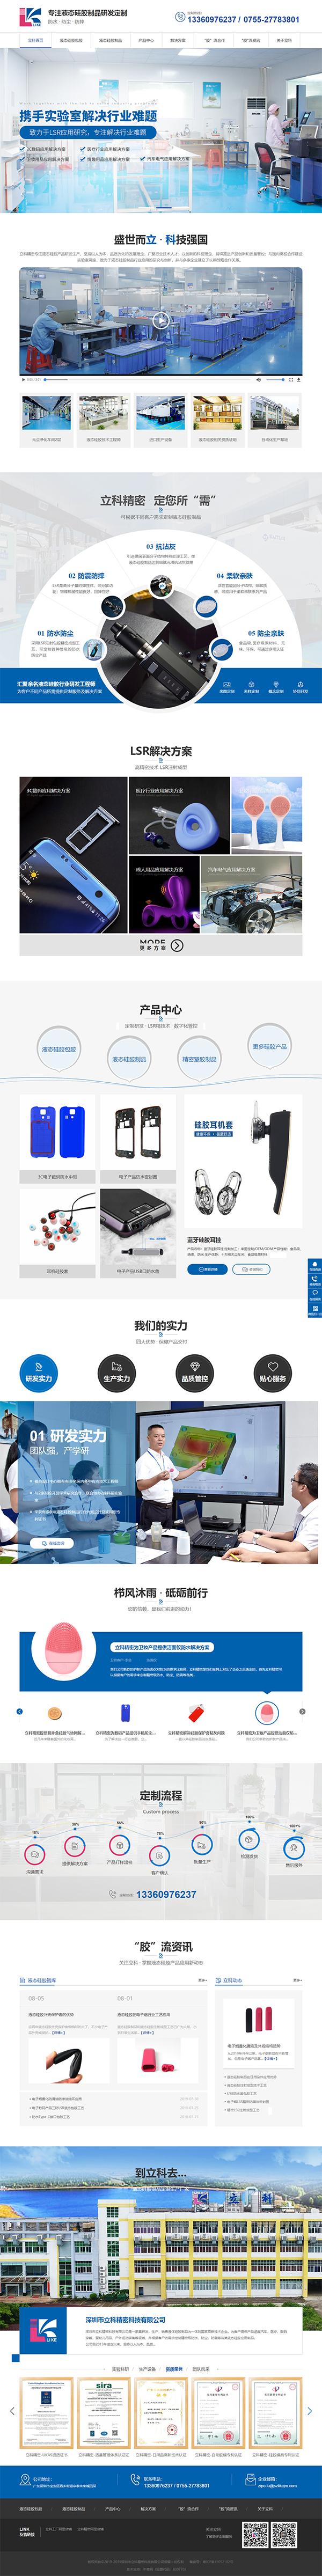 深圳立科精密科技-营销型网站首页展示